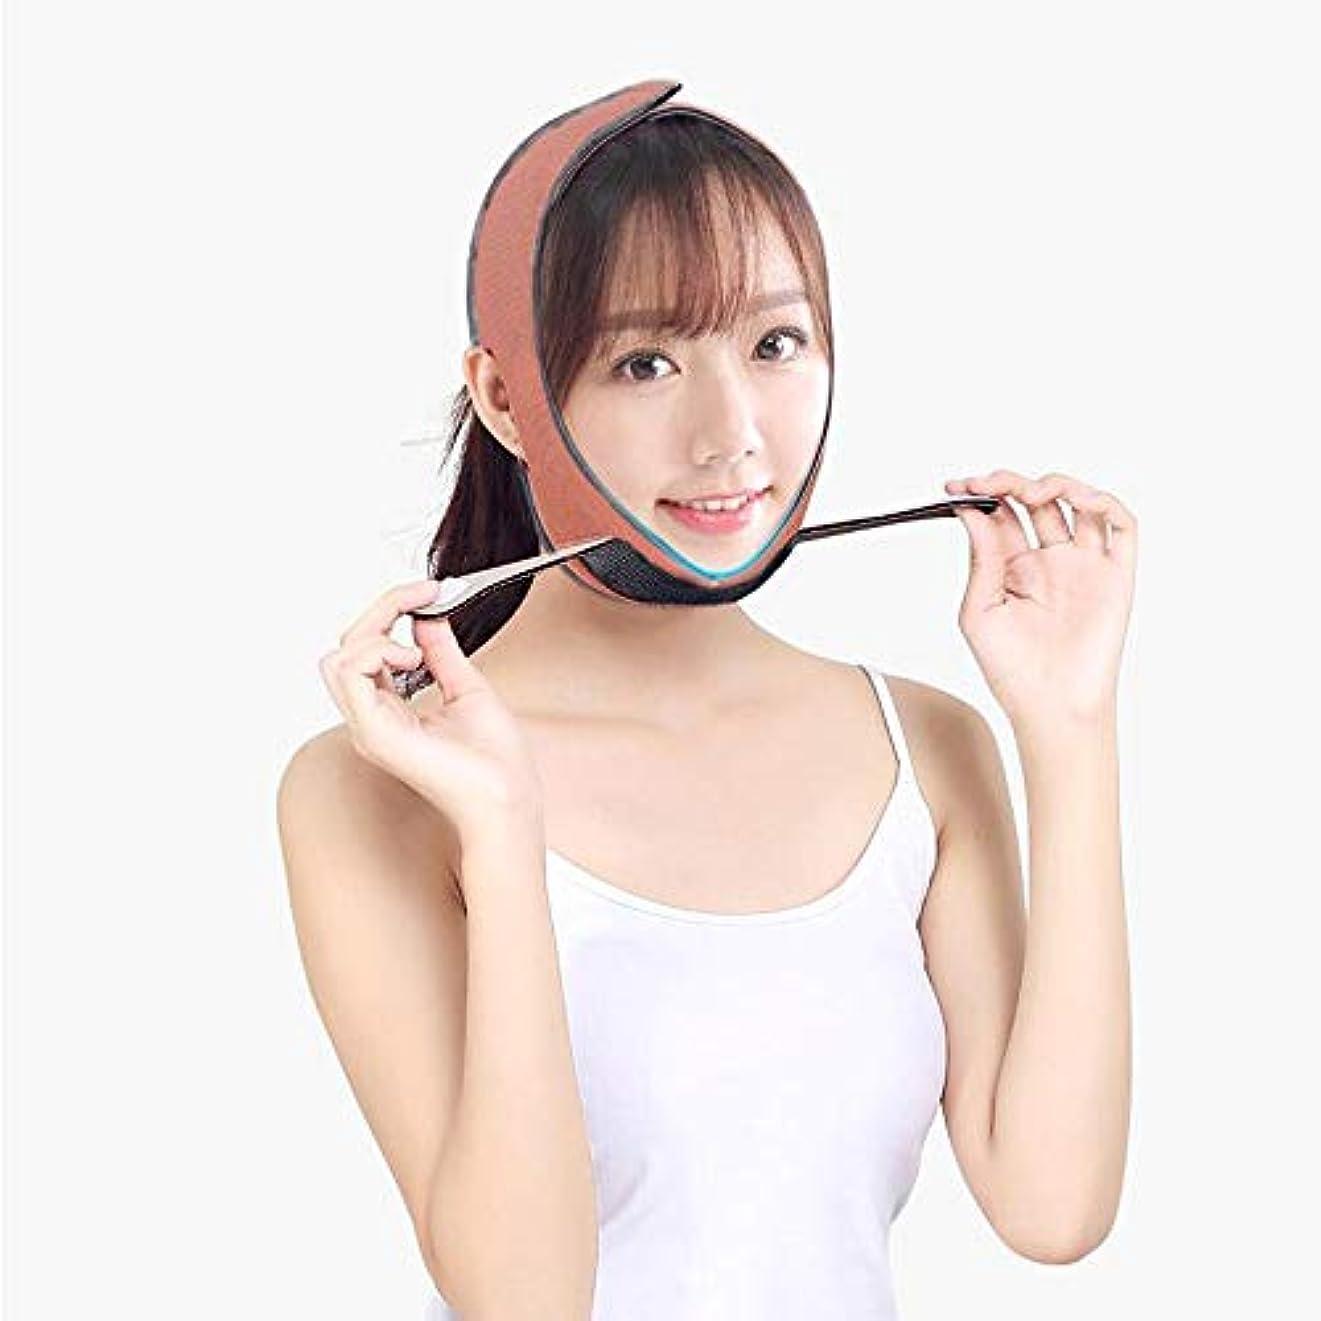 予測子ソーセージ正しいJia Jia- フェイシャルリフティングスリミングベルト - 薄いフェイス包帯Vフェイス包帯マスクフェイシャルマッサージャー無料整形マスク顔と首の顔を引き締めますスリム 顔面包帯